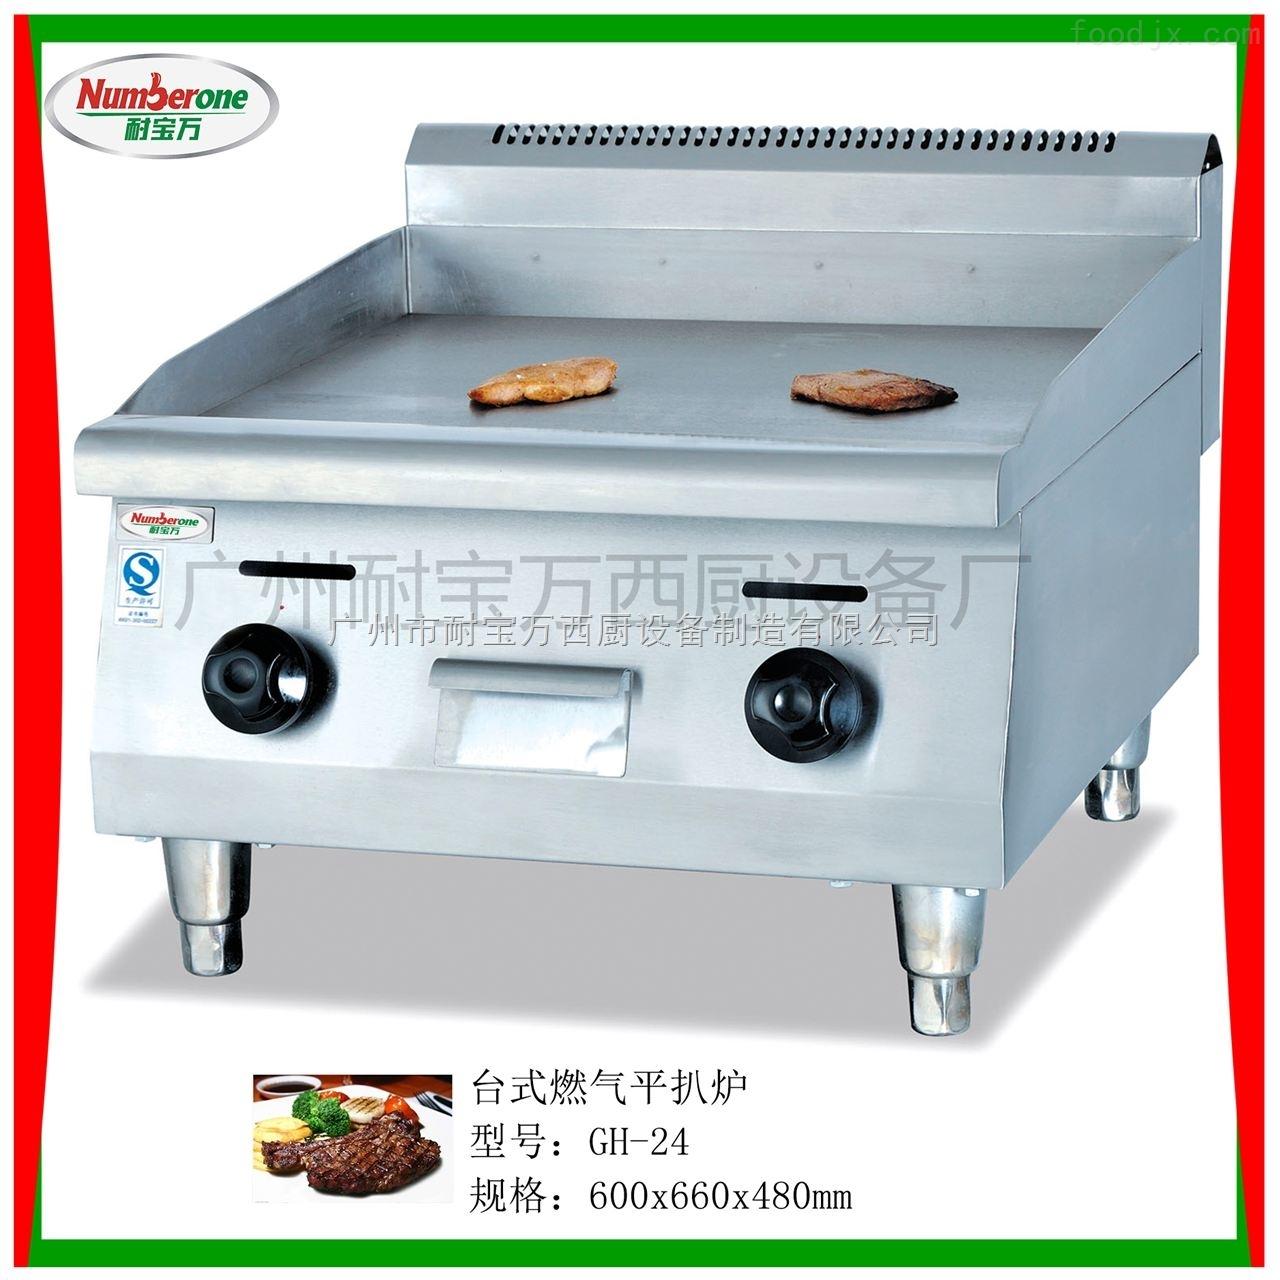 台式燃气平扒炉/铁板烧/扒炉/电饼档 铁板烧铁板